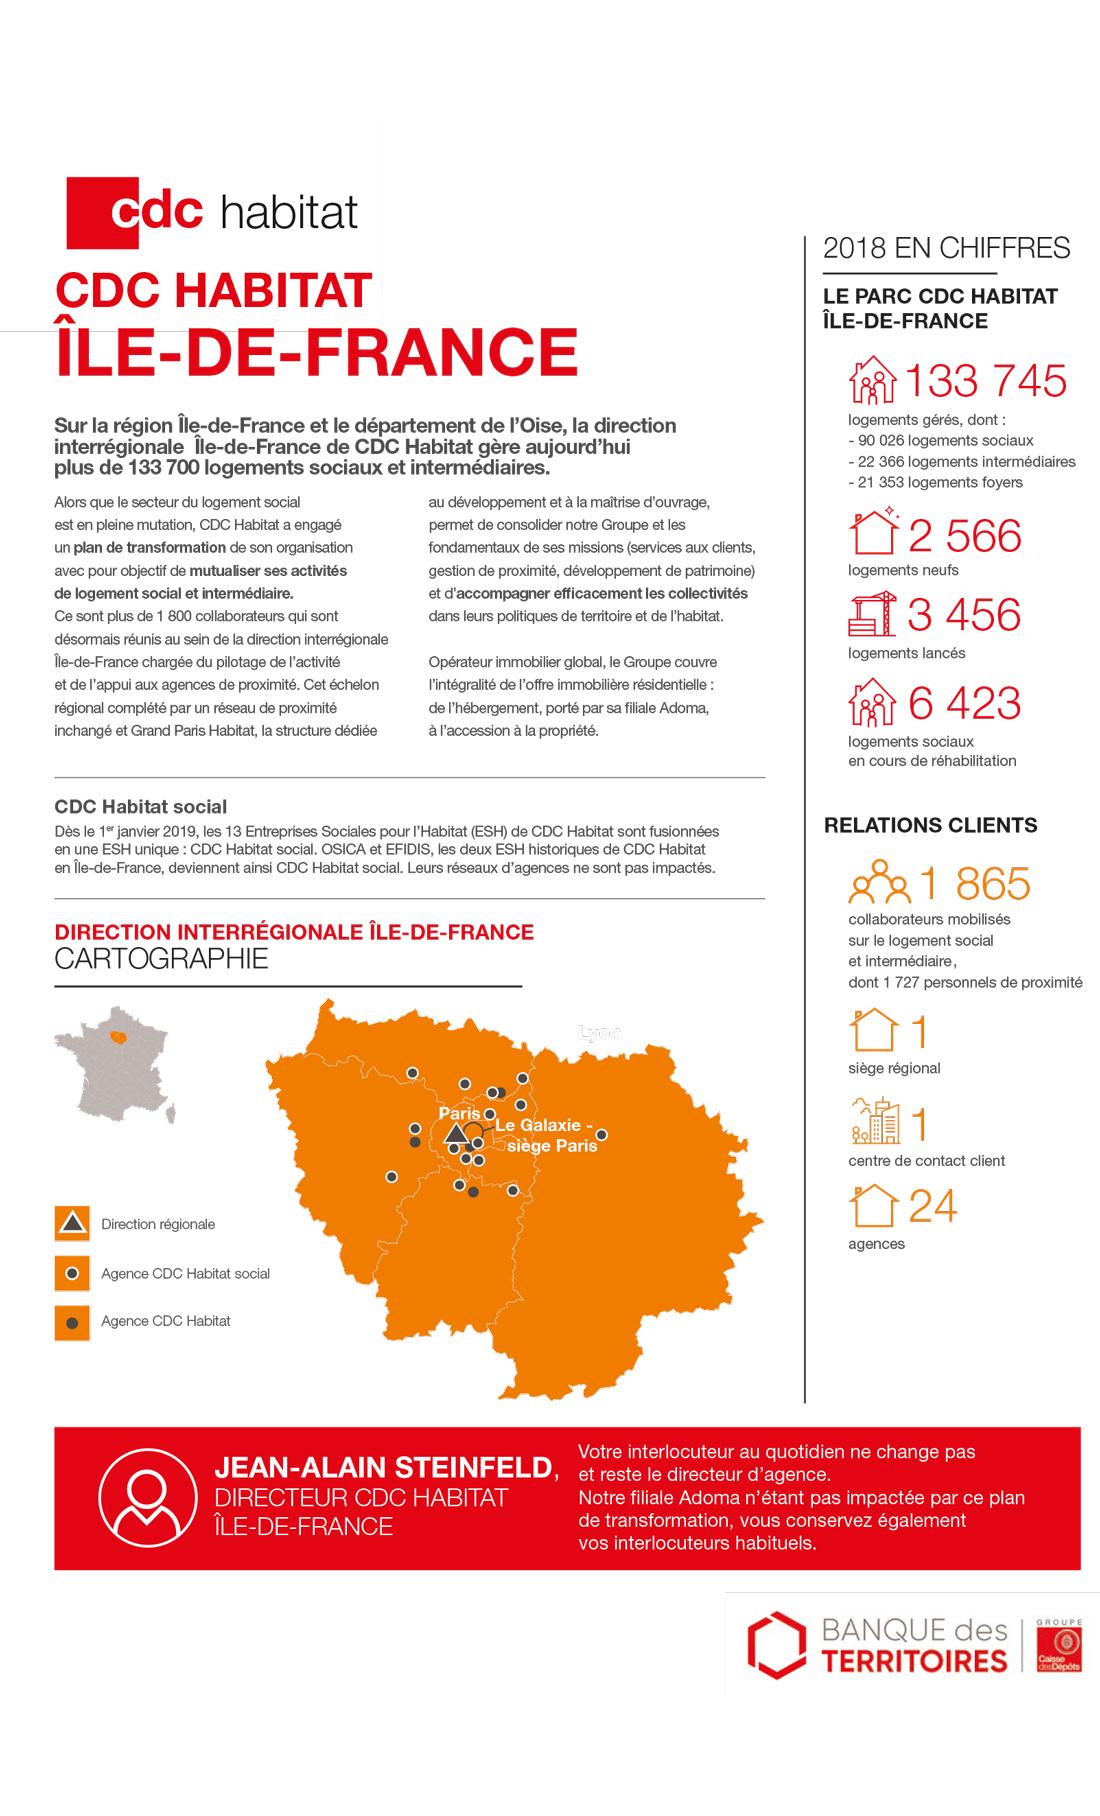 la-fiche-synthétique-de-présentation-de-la-Direction-interrégionale-Île-de-France-de-CDC-Habitat